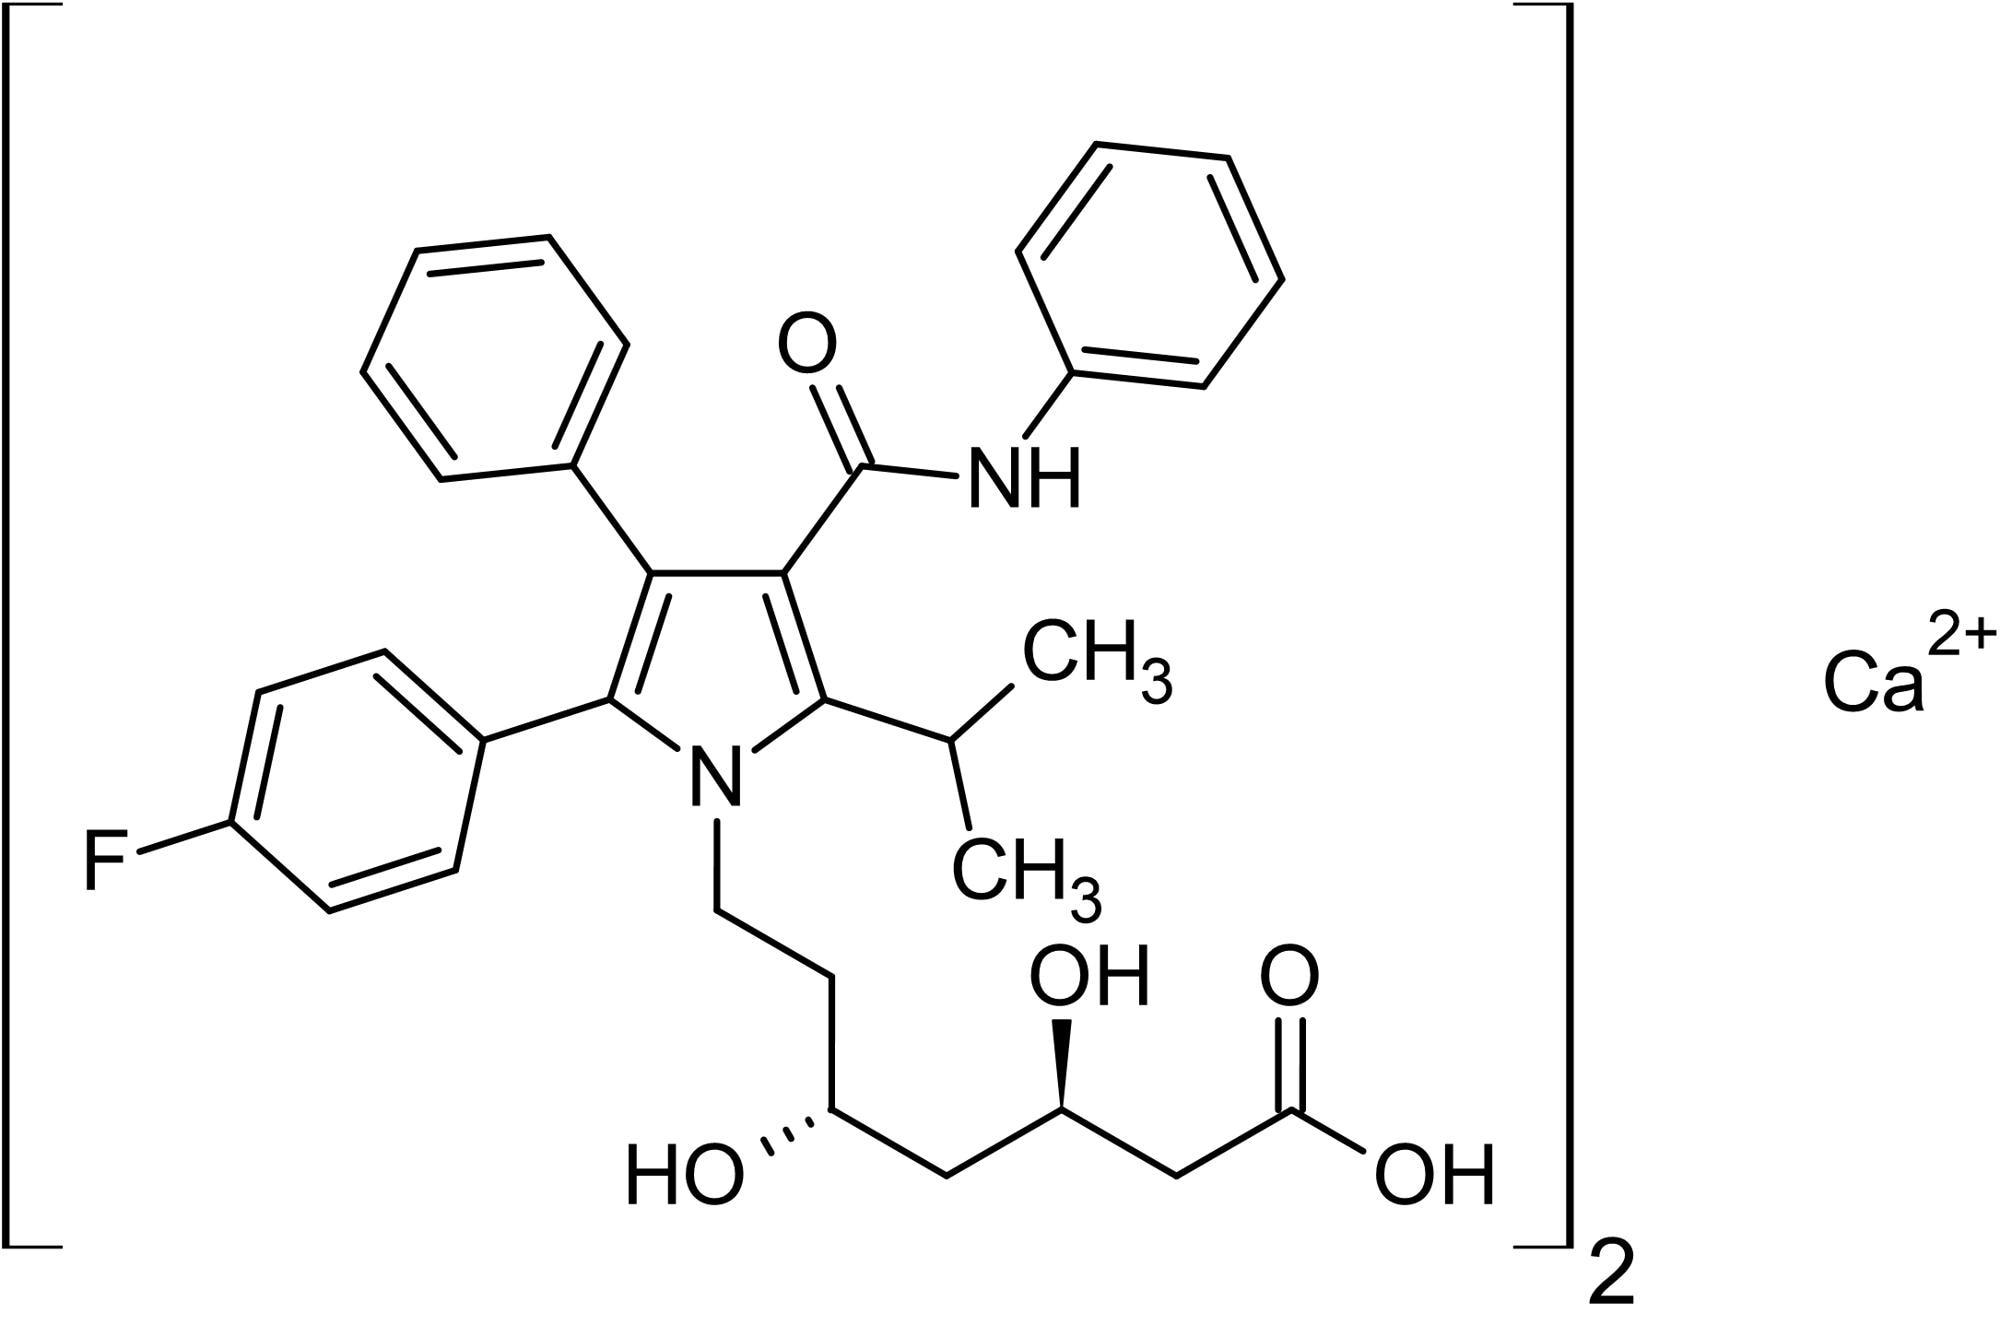 Chemical Structure - Atorvastatin hemicalcium salt, HMG-CoA reductase inhibitor (ab141083)